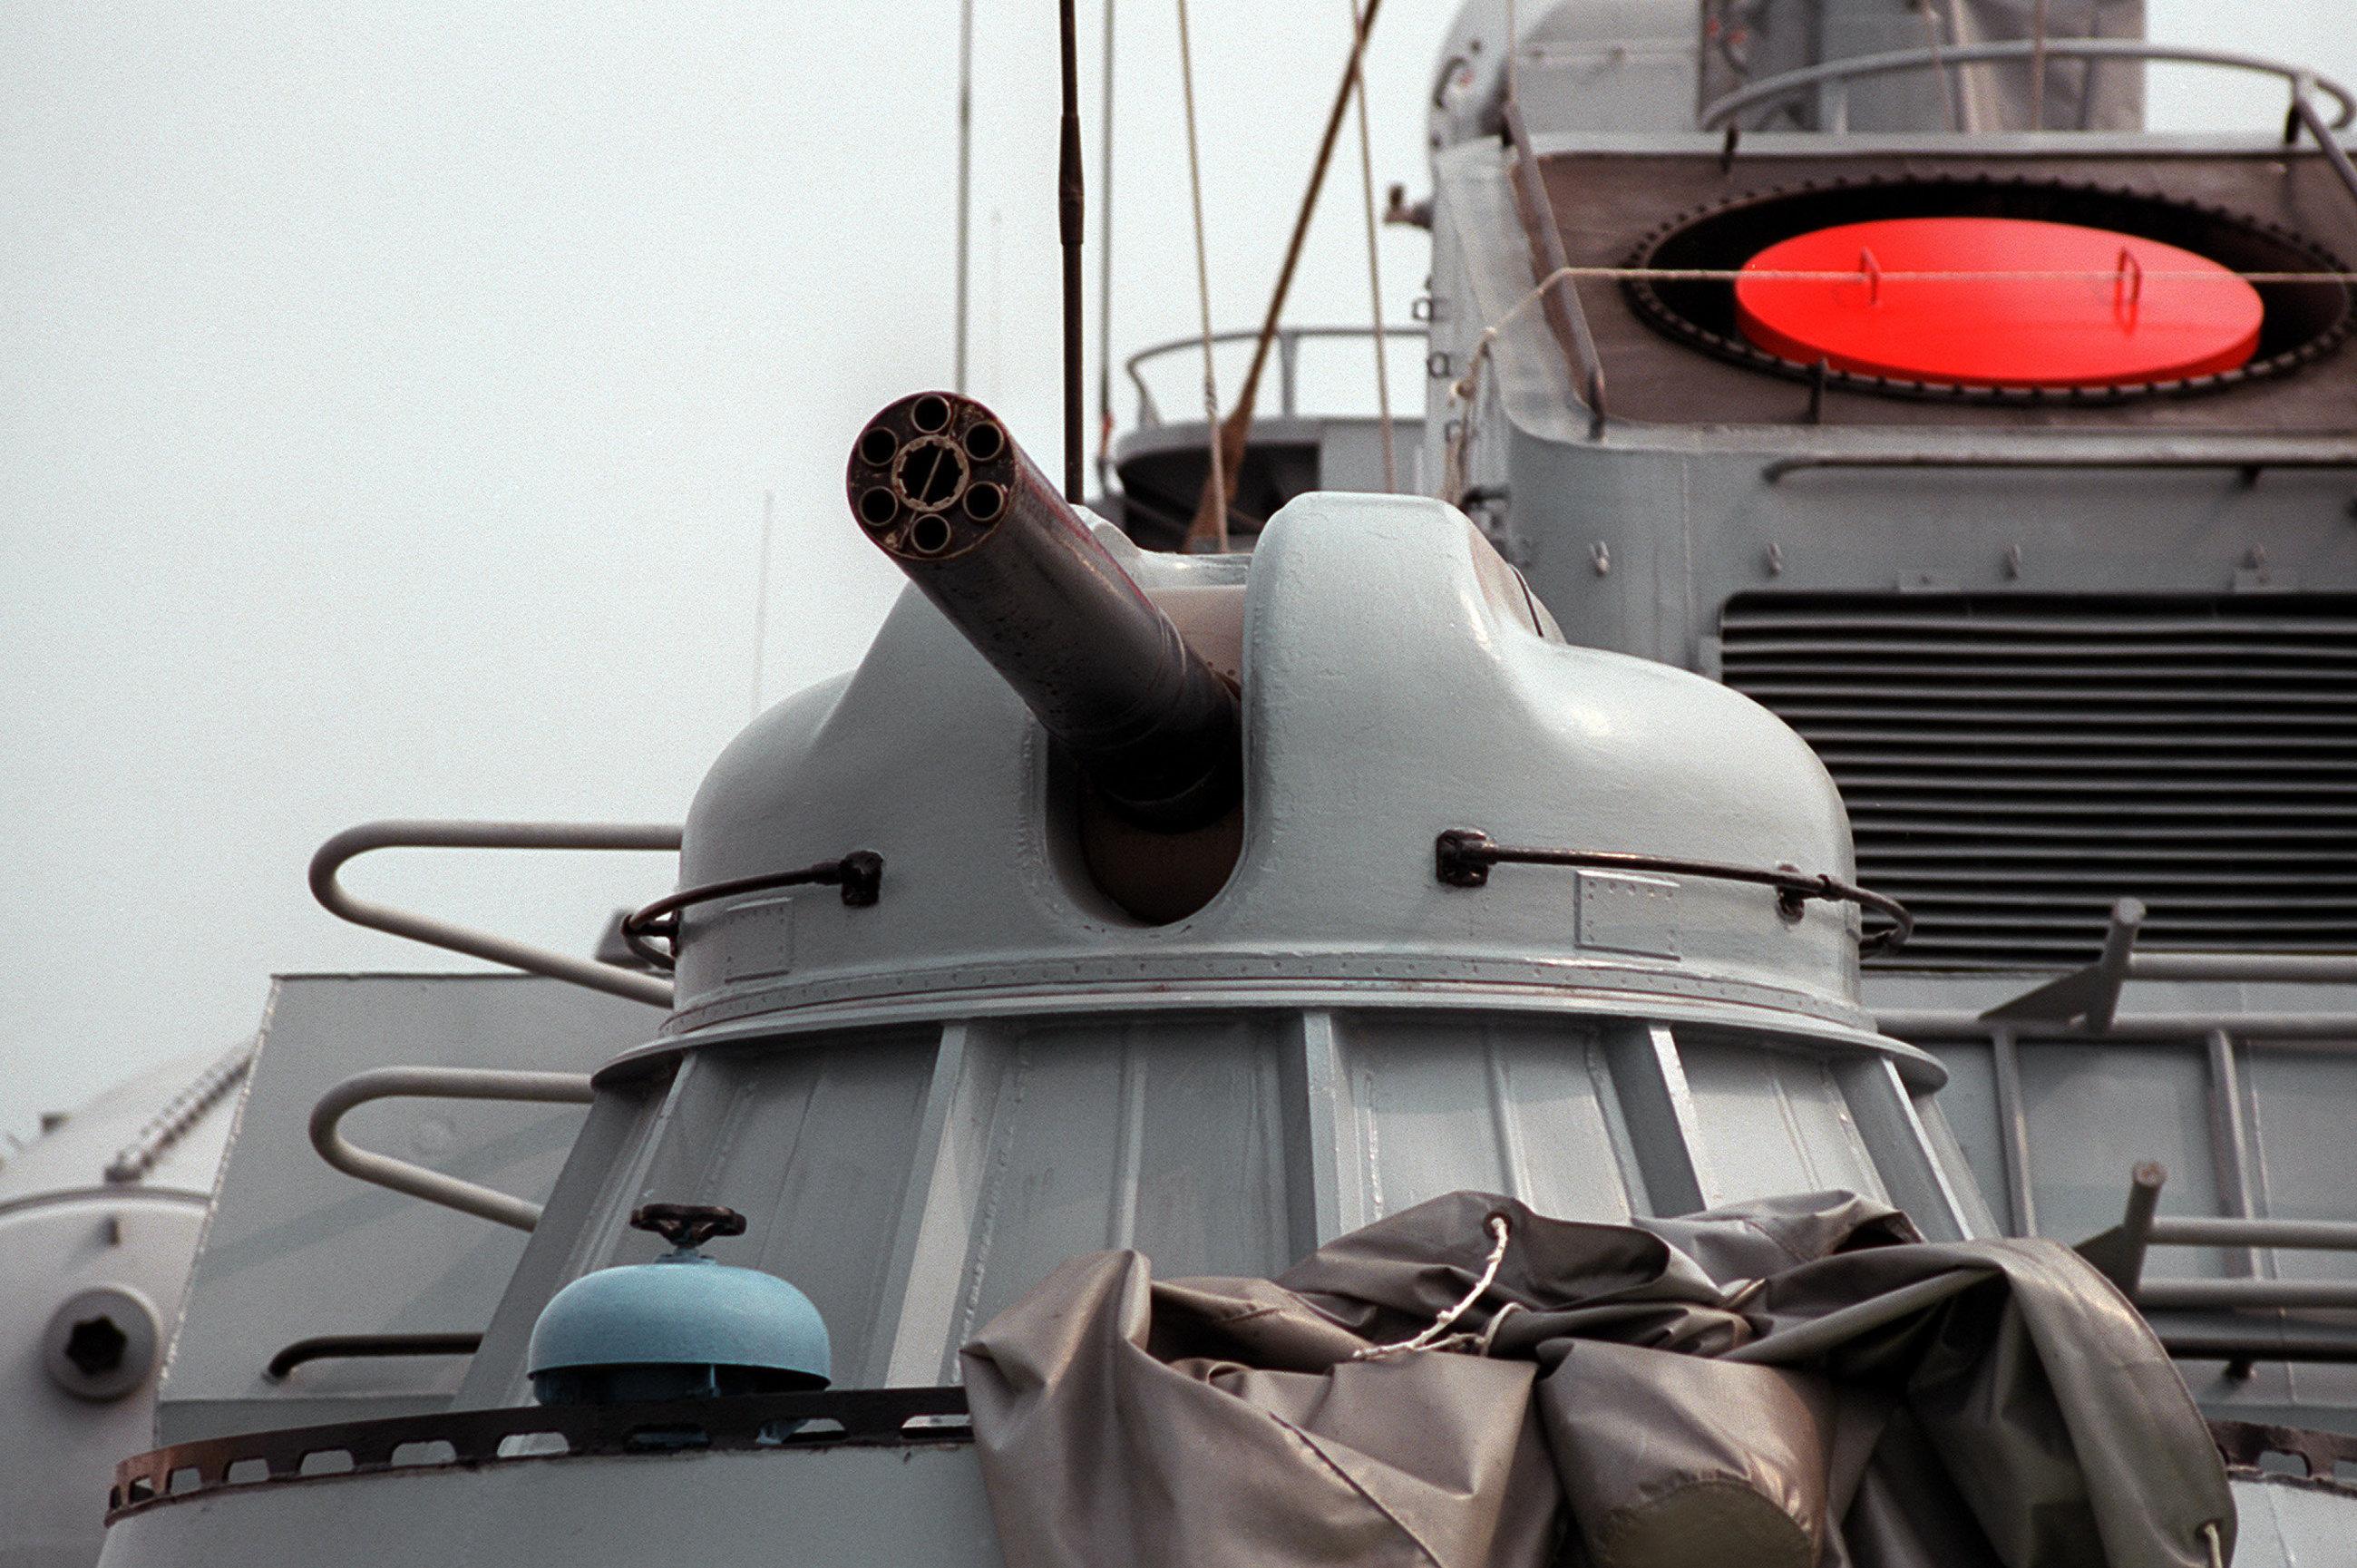 Ametralladora AK-630